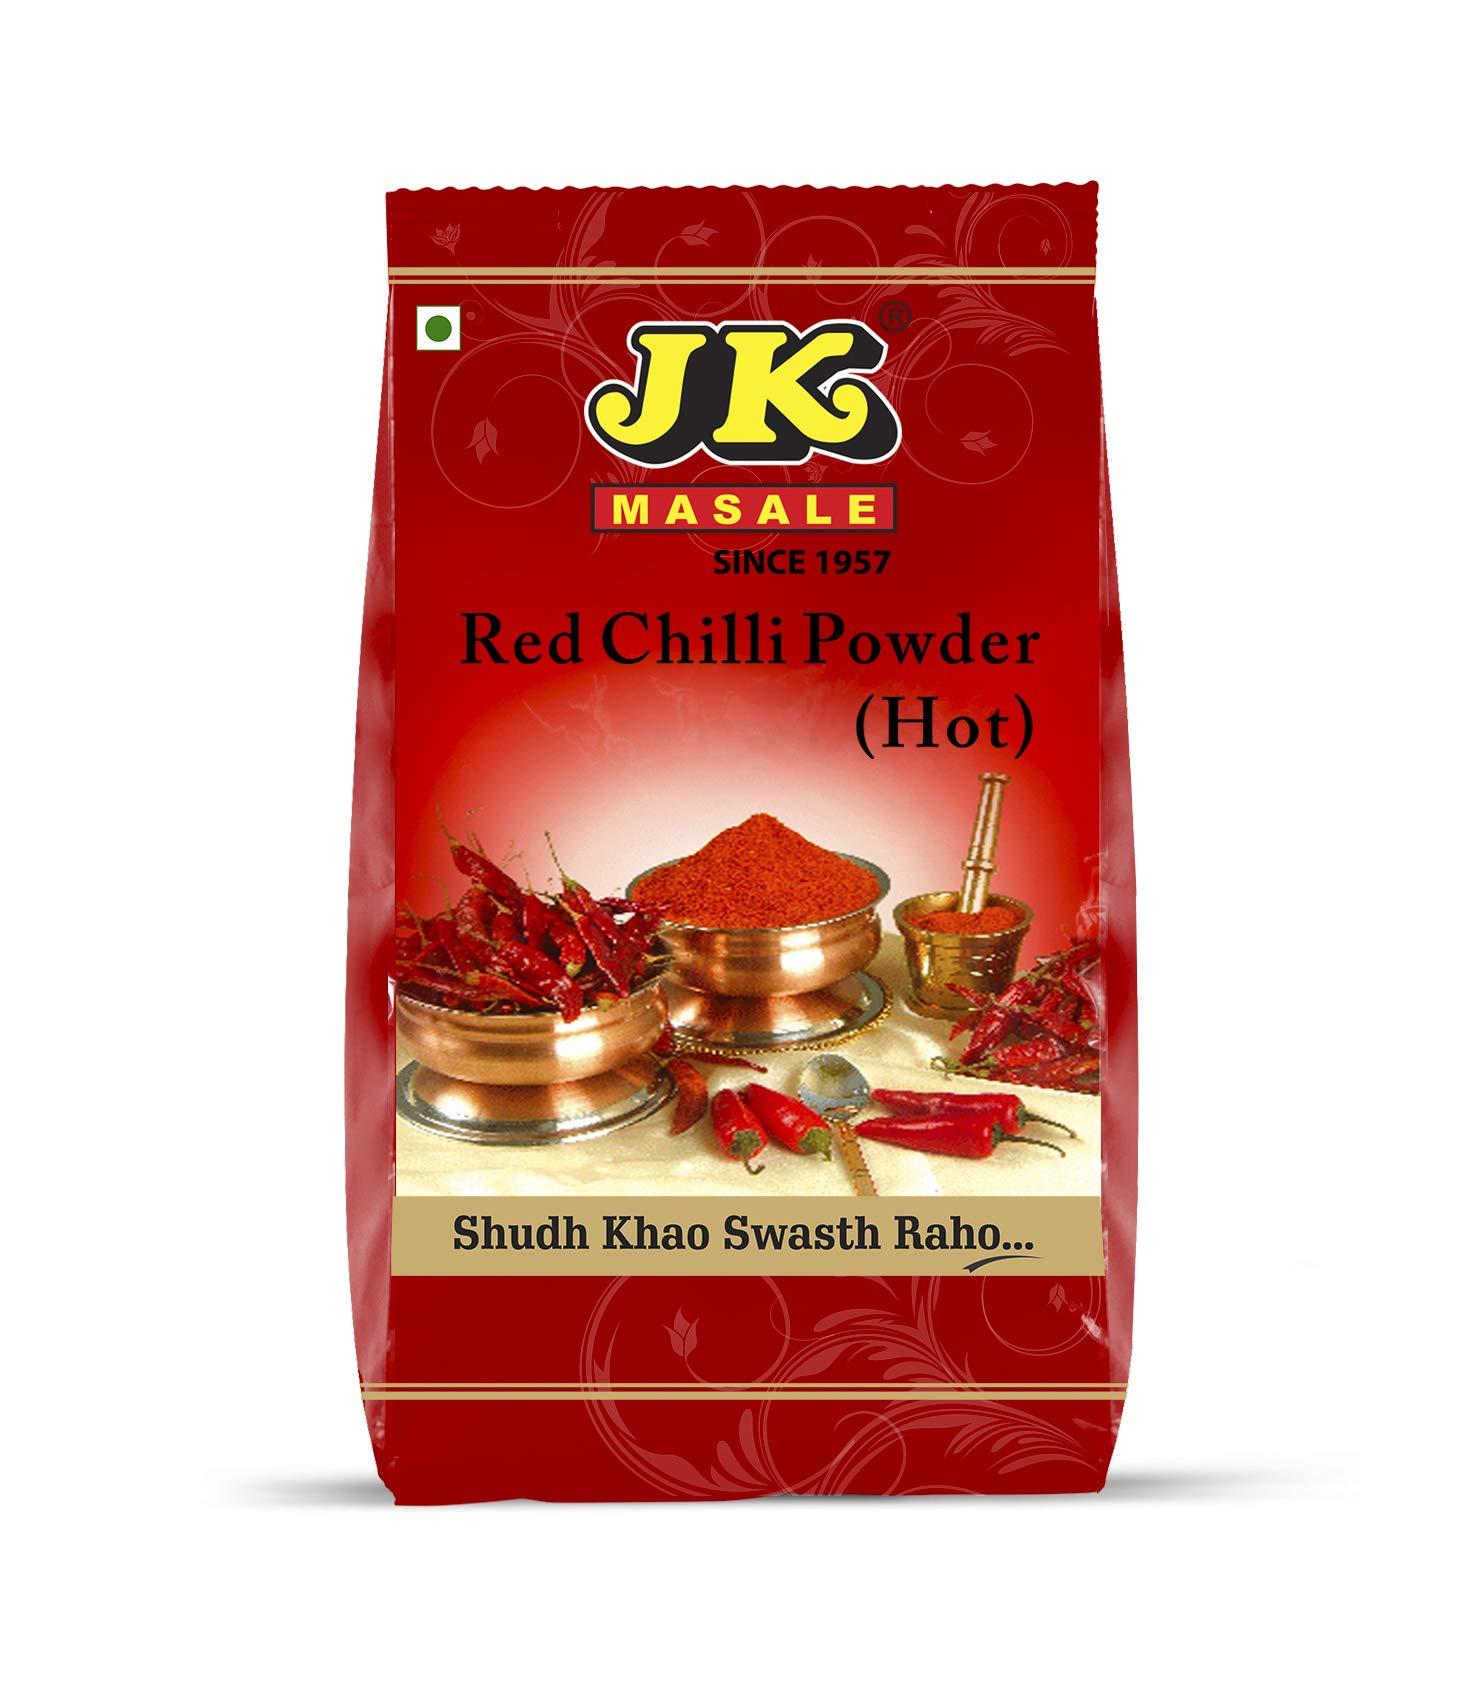 JK Indian Spices/Masala RED CHILI POWDER (CHILLI, HOT) - 17.64 oz / 500g, Non-GMO and NO preservatives!